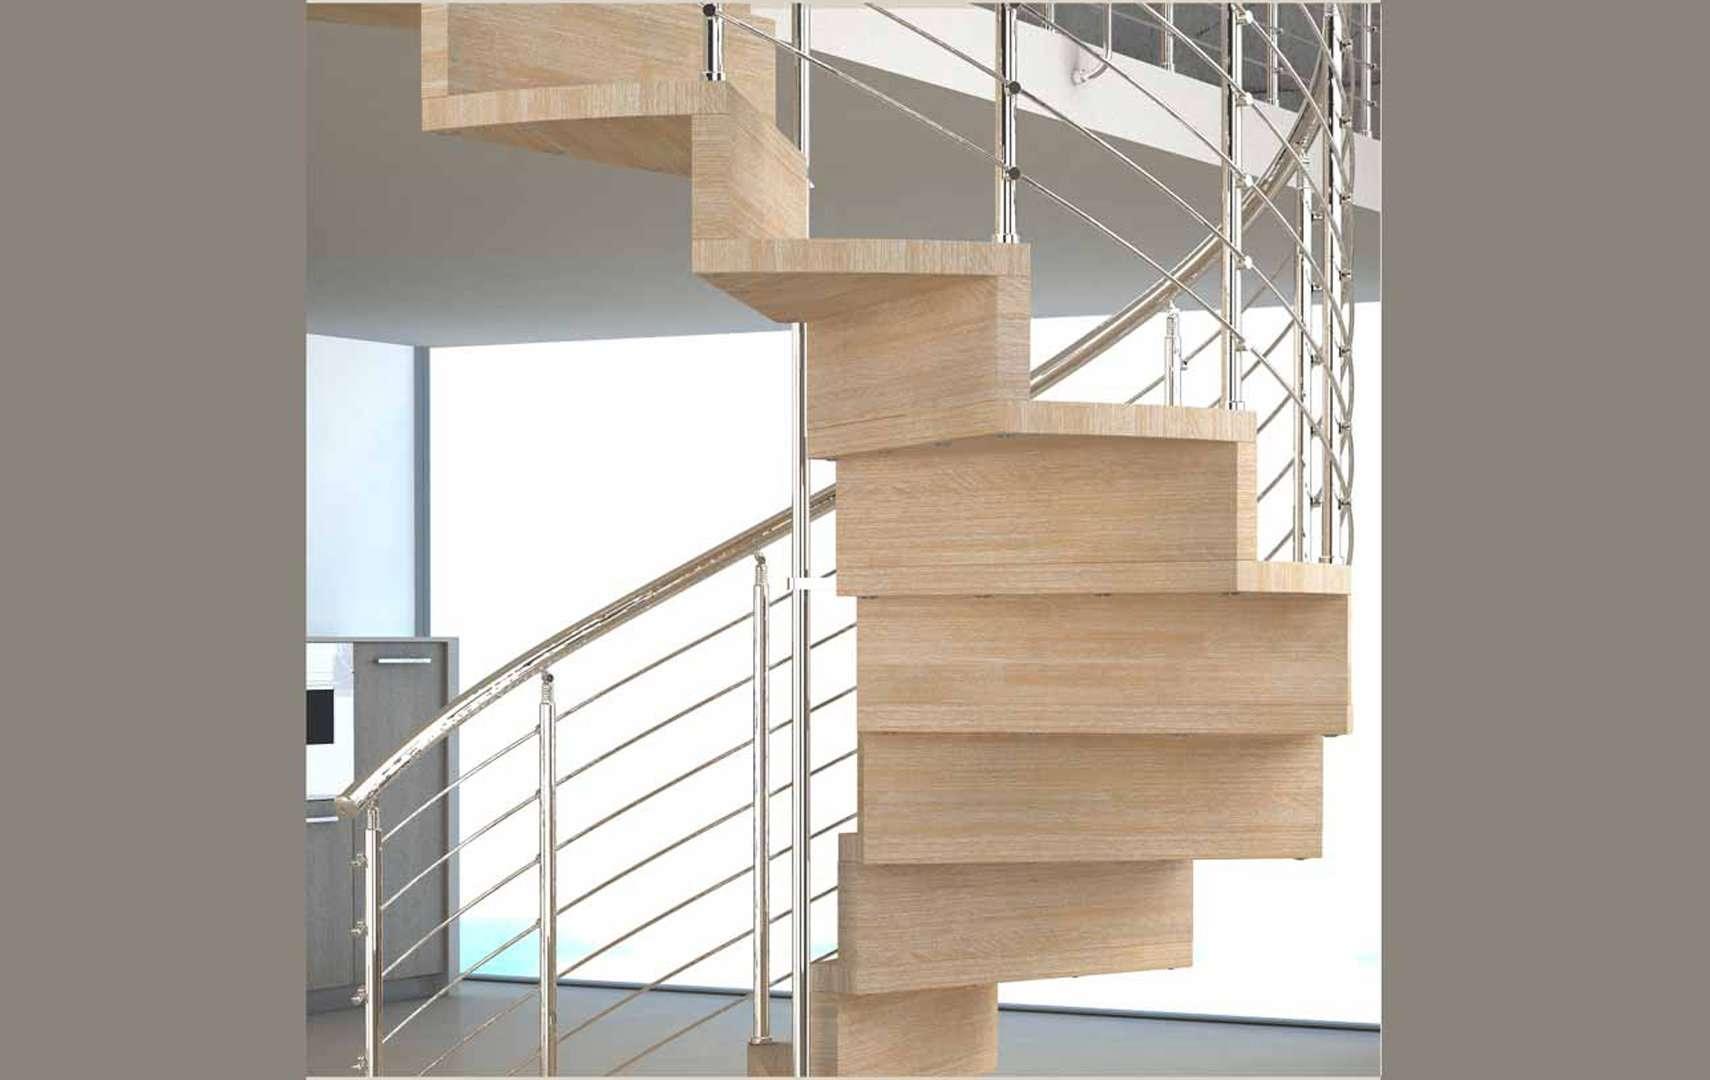 pura escaleras italianas escaleras de madera maciza escaleras para exteriores escaleras en metal escaleras escaleras de caracol